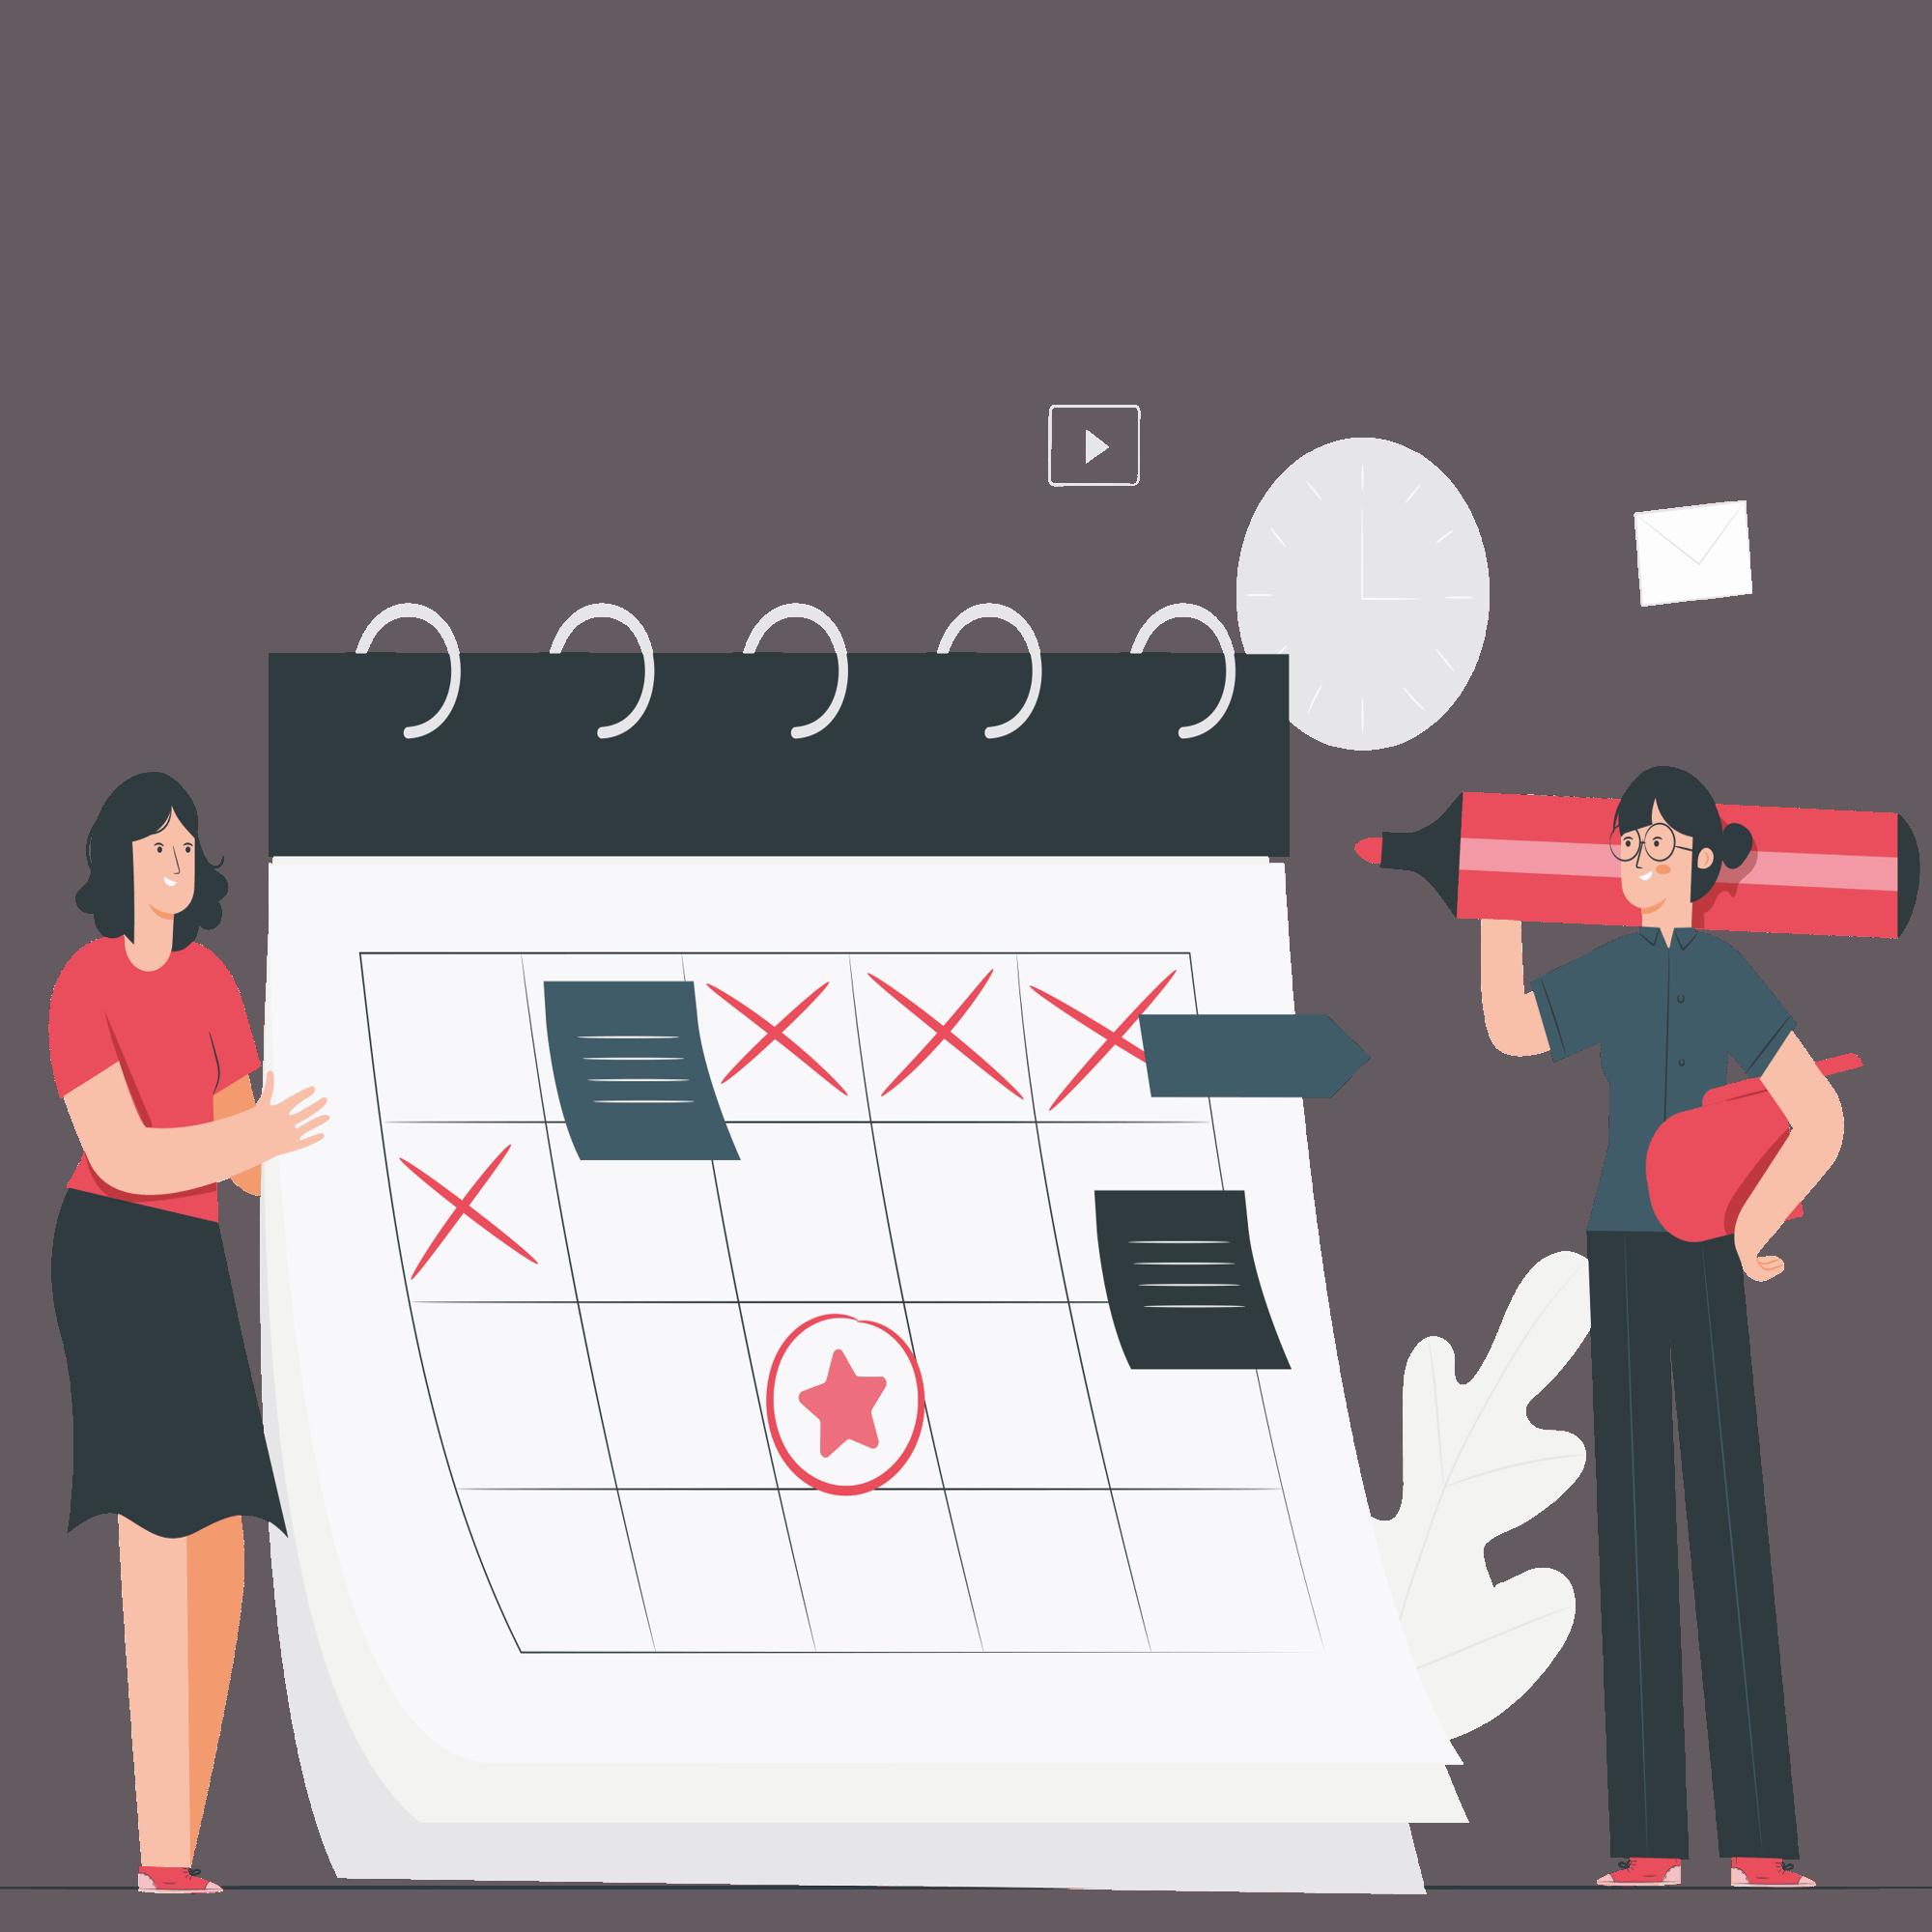 https://www.startupdorf.de/wp-content/uploads/2020/11/calendar2.png